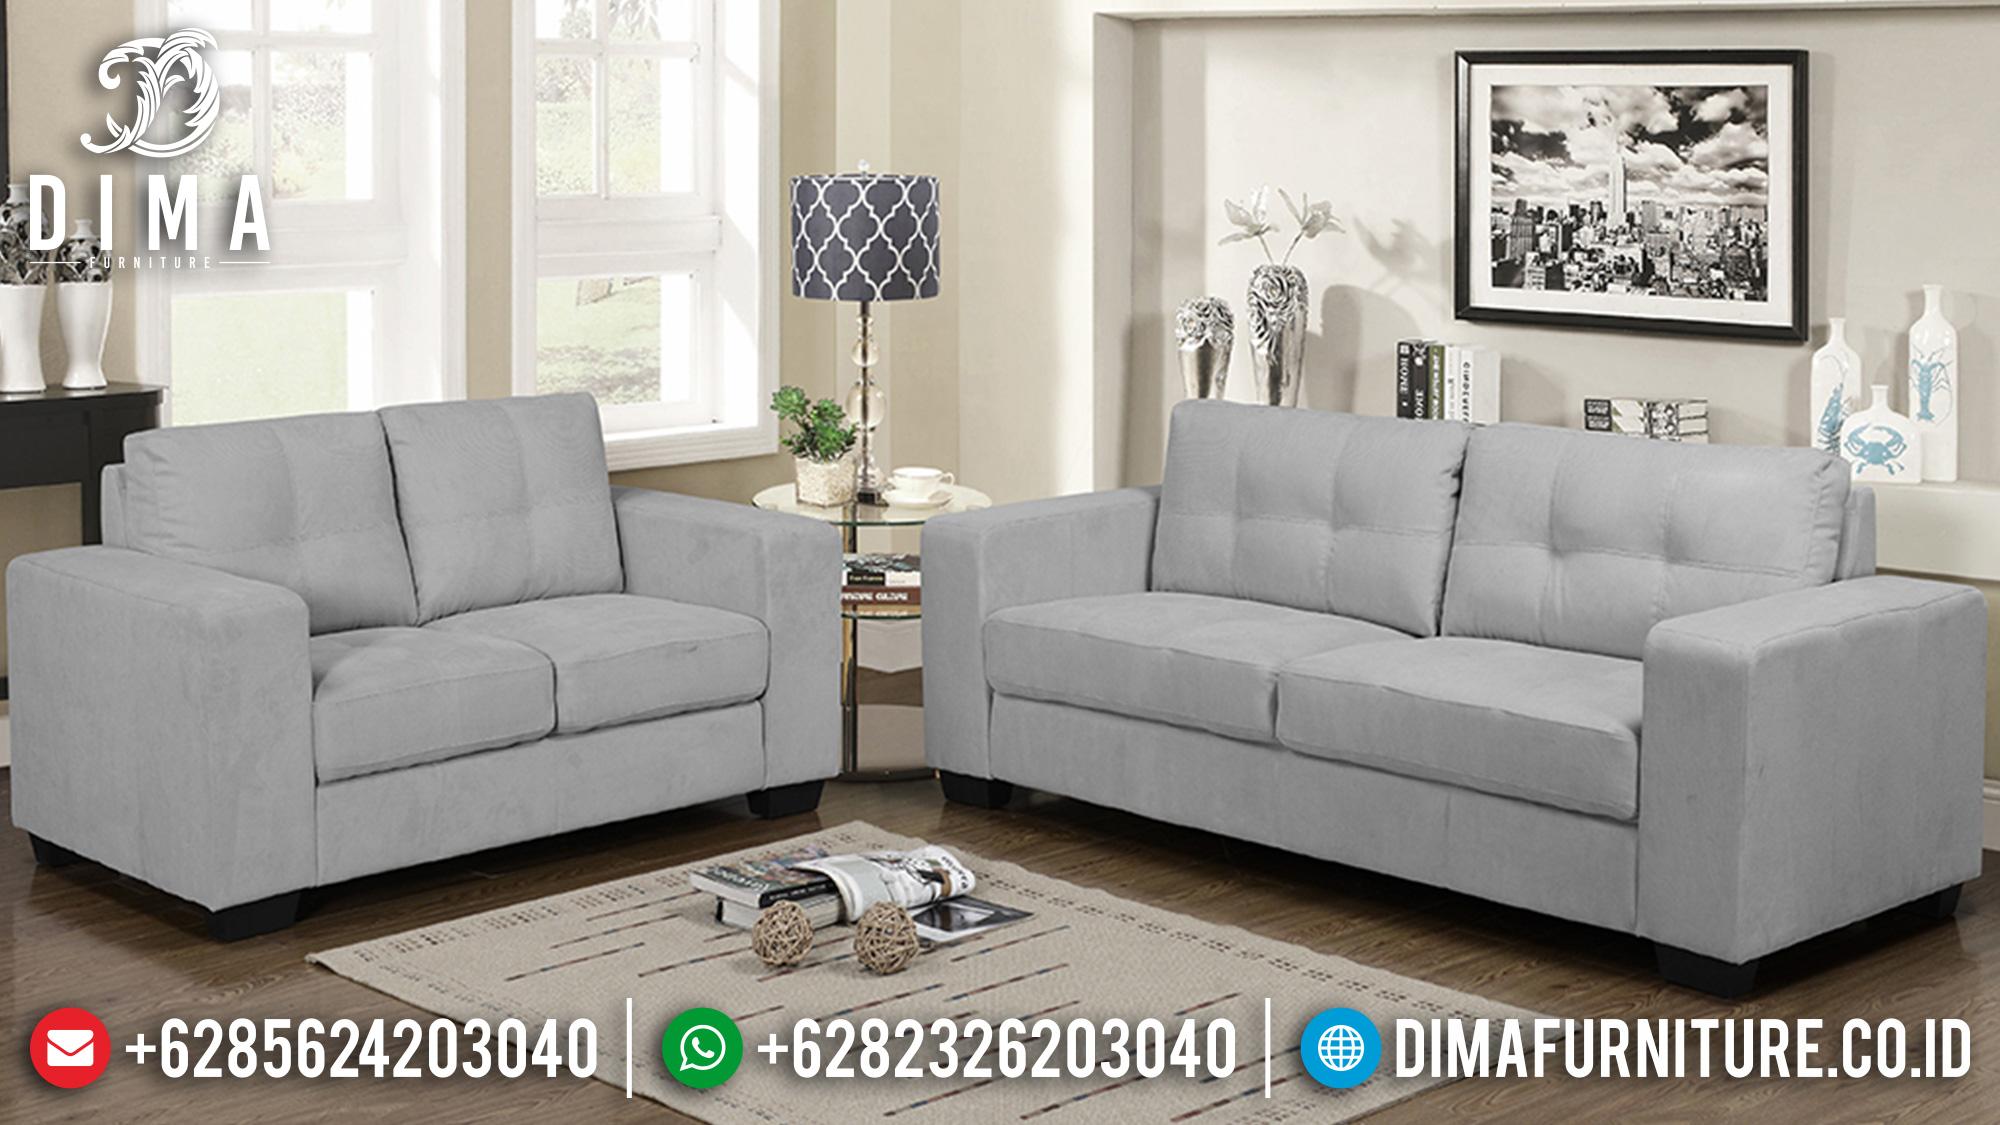 Jual Set Sofa Tamu Minimalis Modern Model Terbaru Jepara MM-0116